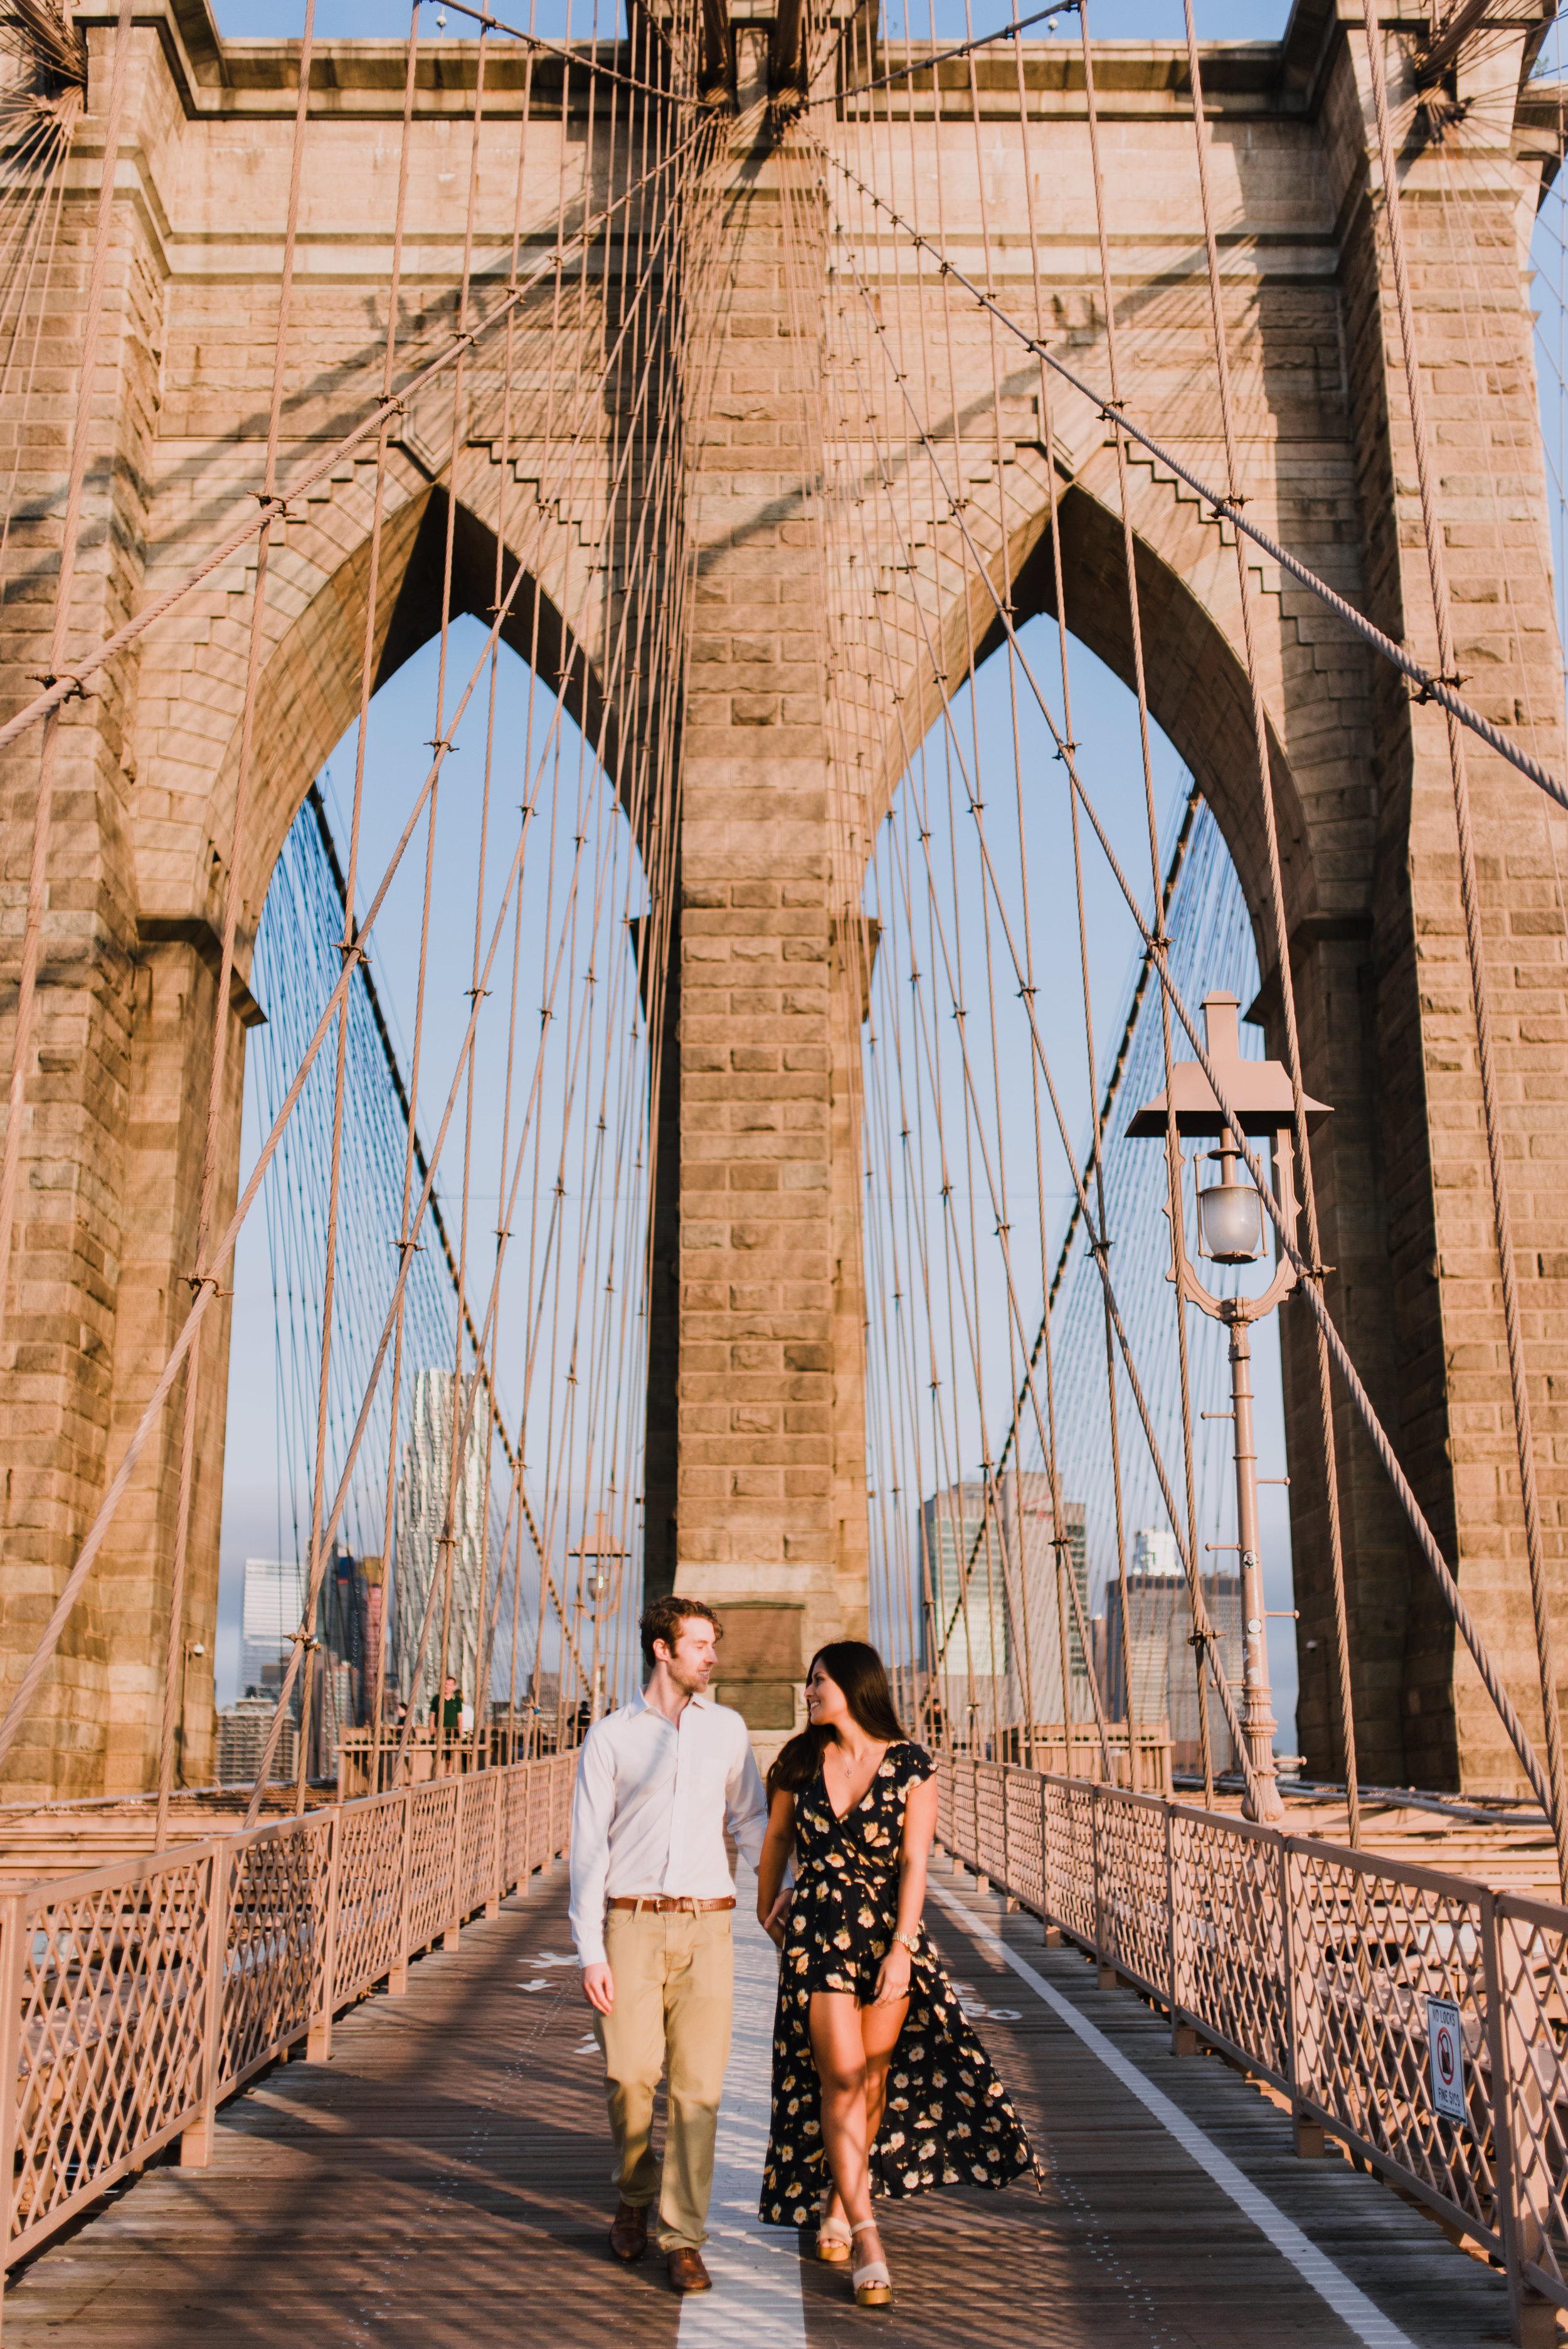 Brooklym Bridge engagement photography, NY wedding photographer, NYC elopement photographer, NYC wedding photographer (7).jpg